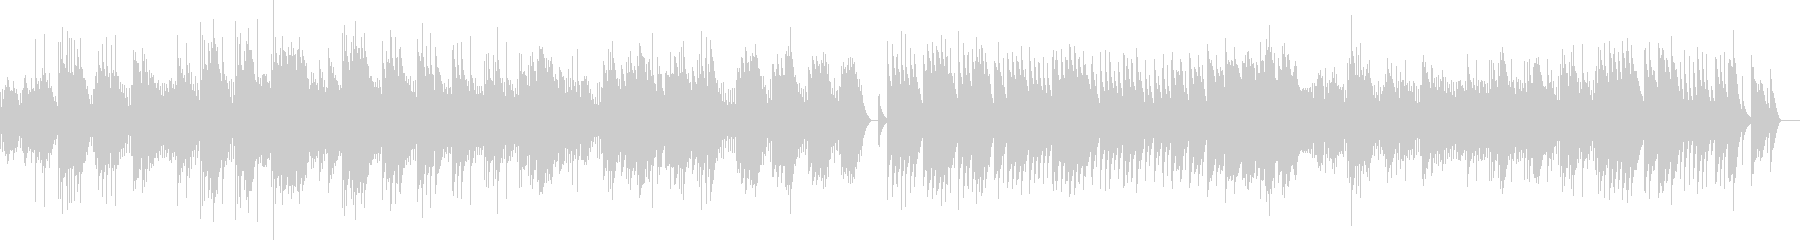 ドビュッシー 「夢」 (オルゴール)の未再生の波形